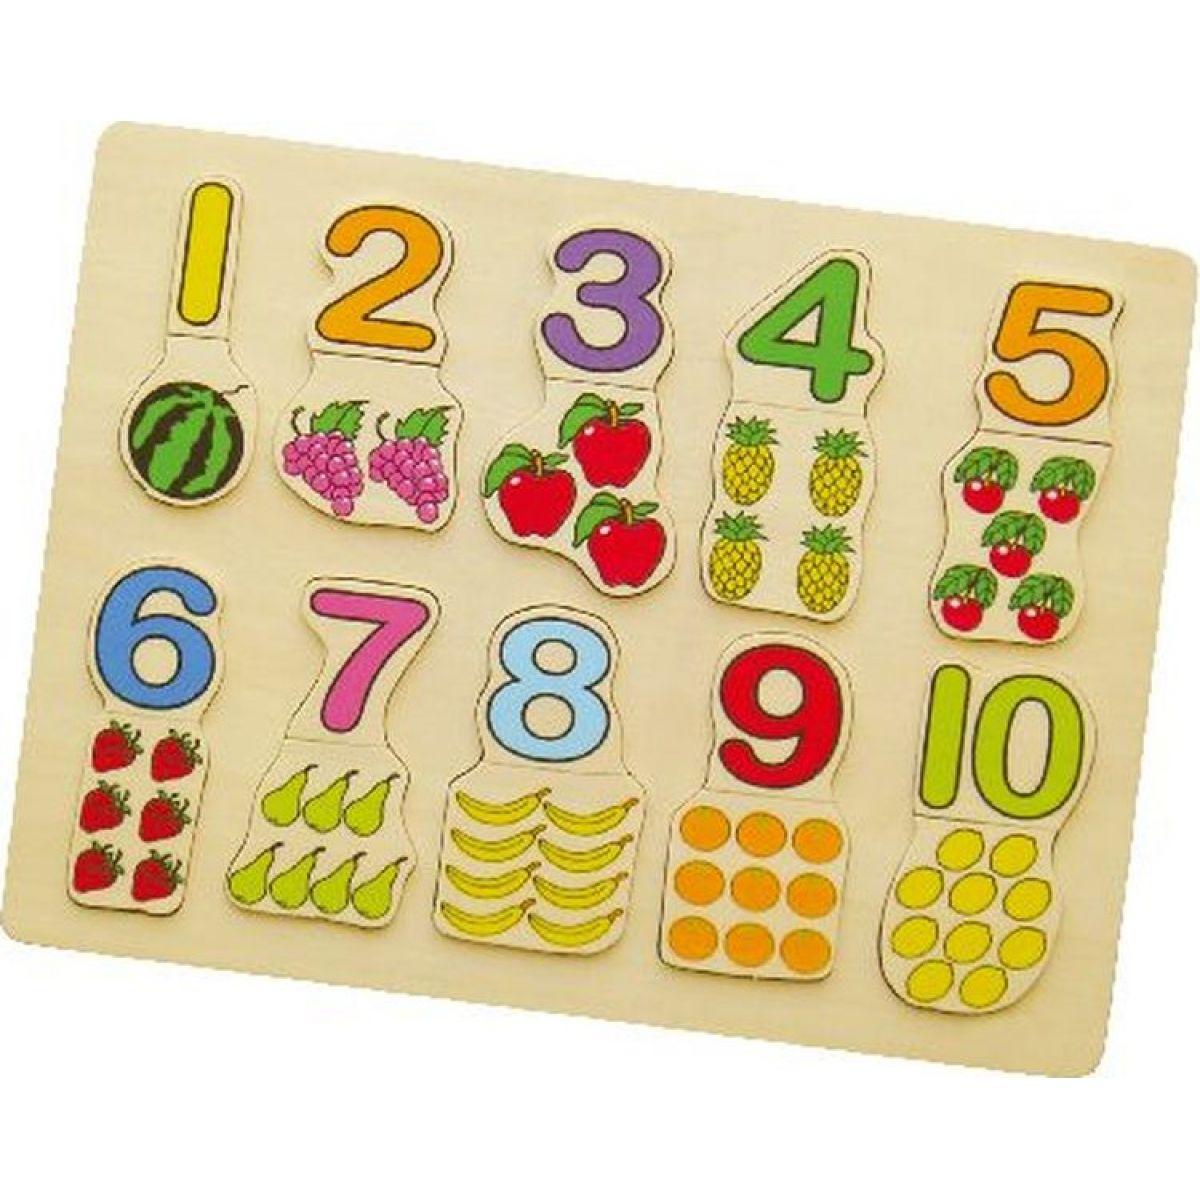 Studo Wood Drevené puzzle Počítanie s ovocím 20 dielikov